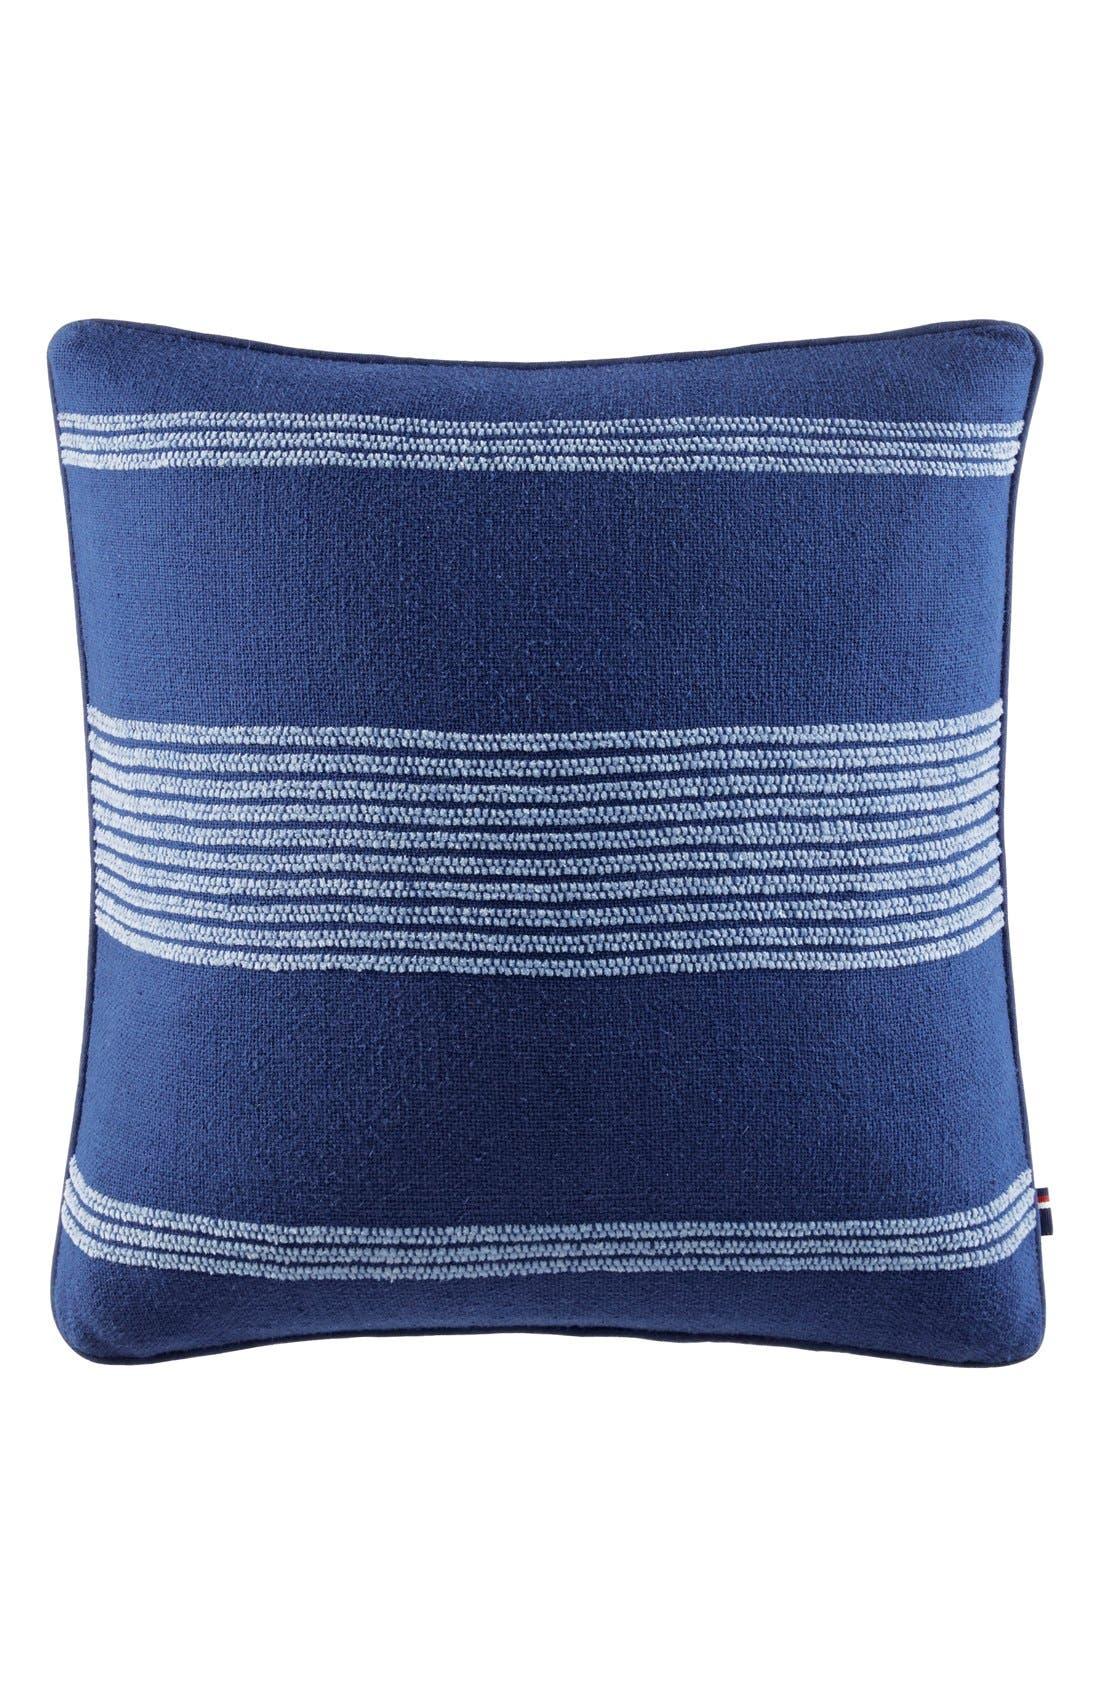 Pacific Horizon Accent Pillow,                             Main thumbnail 1, color,                             Blue